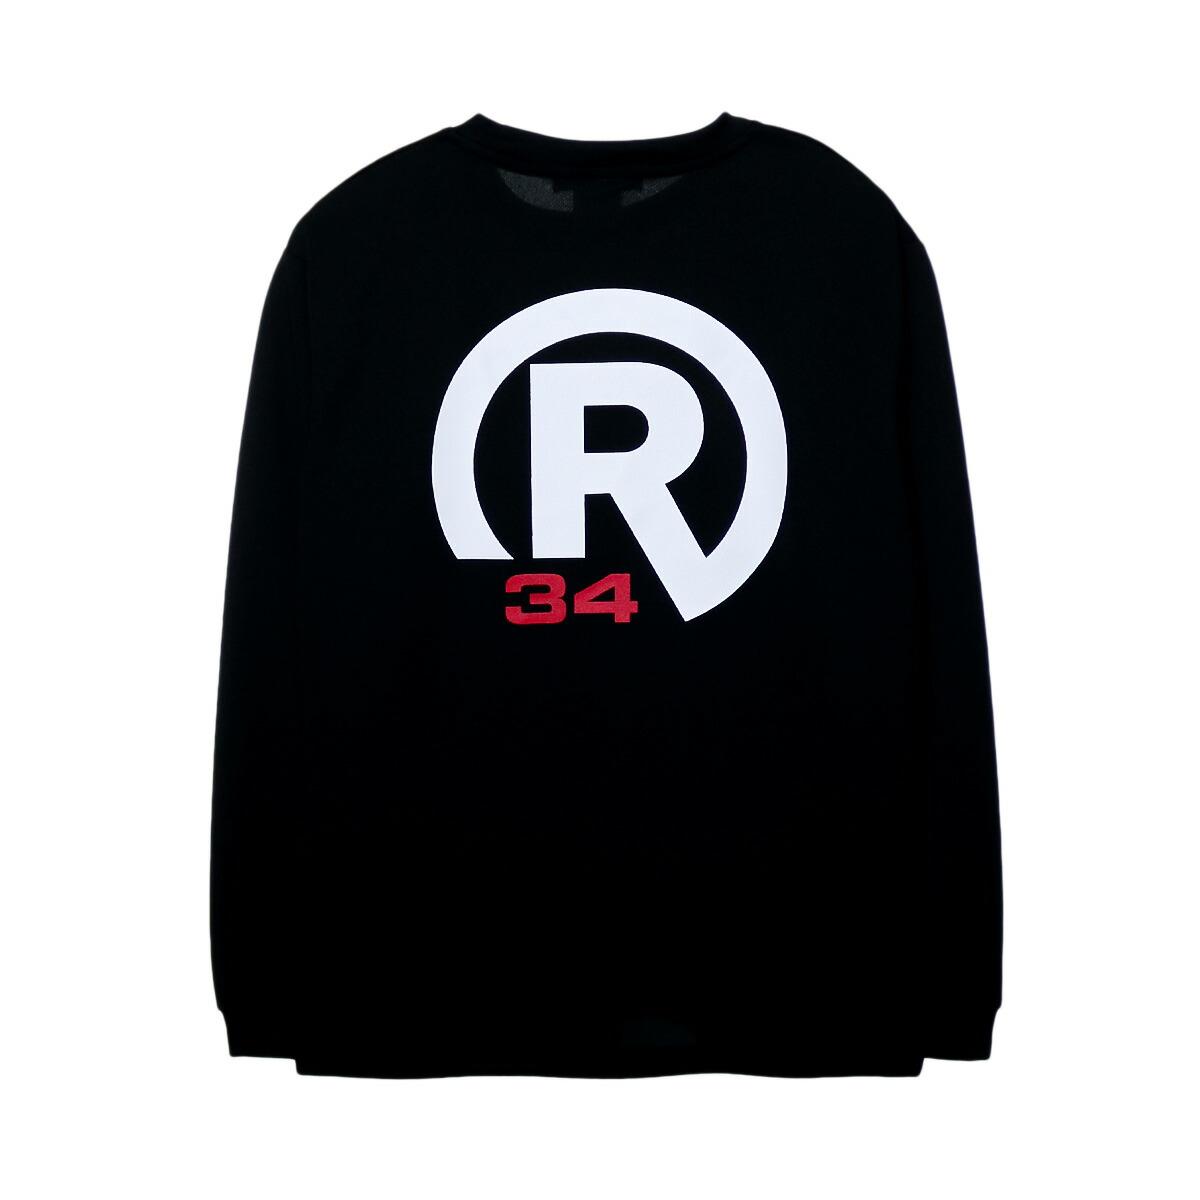 BASIC R34 LOGO DRY LONG T-SHIRT